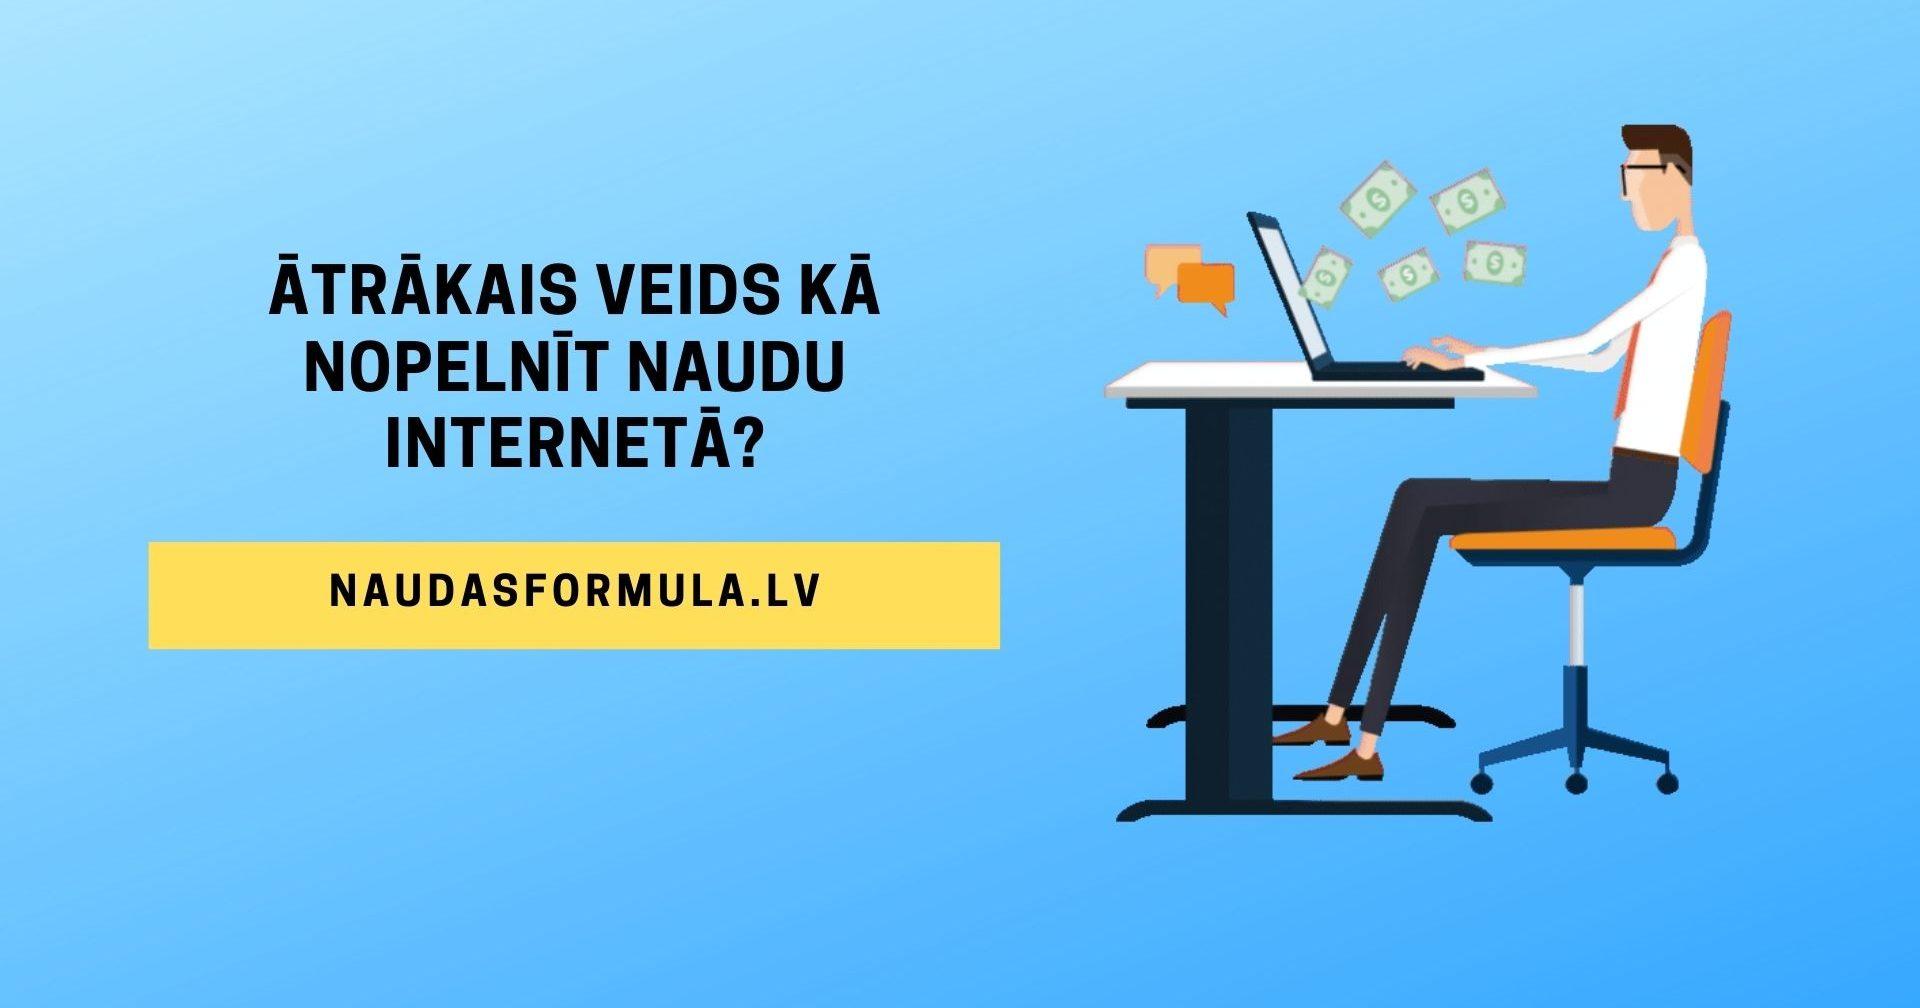 kā nopelnīt naudu ar smadzenēm internetā)